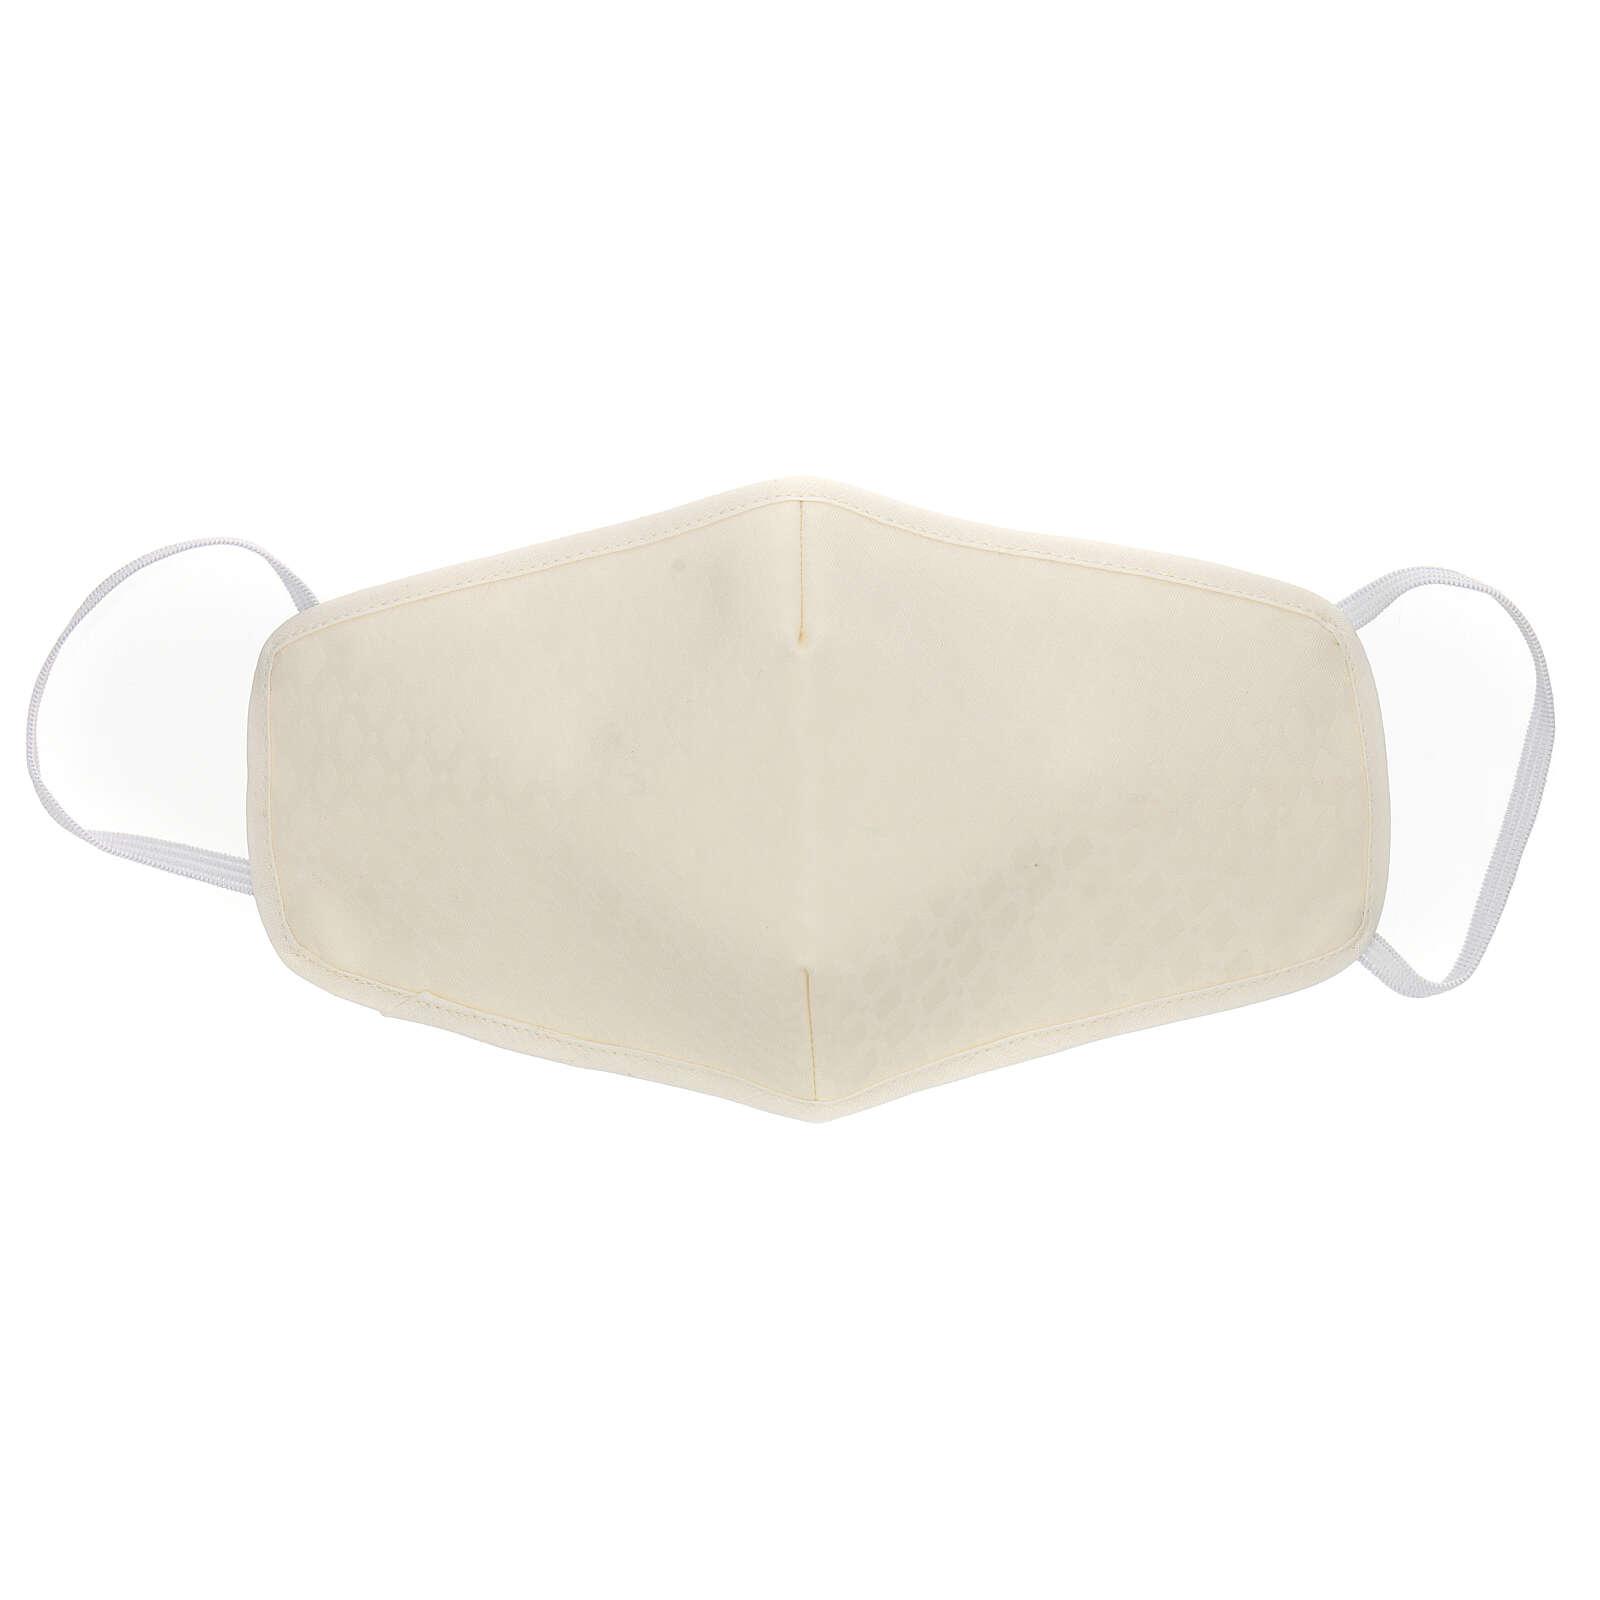 Stoffmaske, wiederverwendbar, elfenbein 3